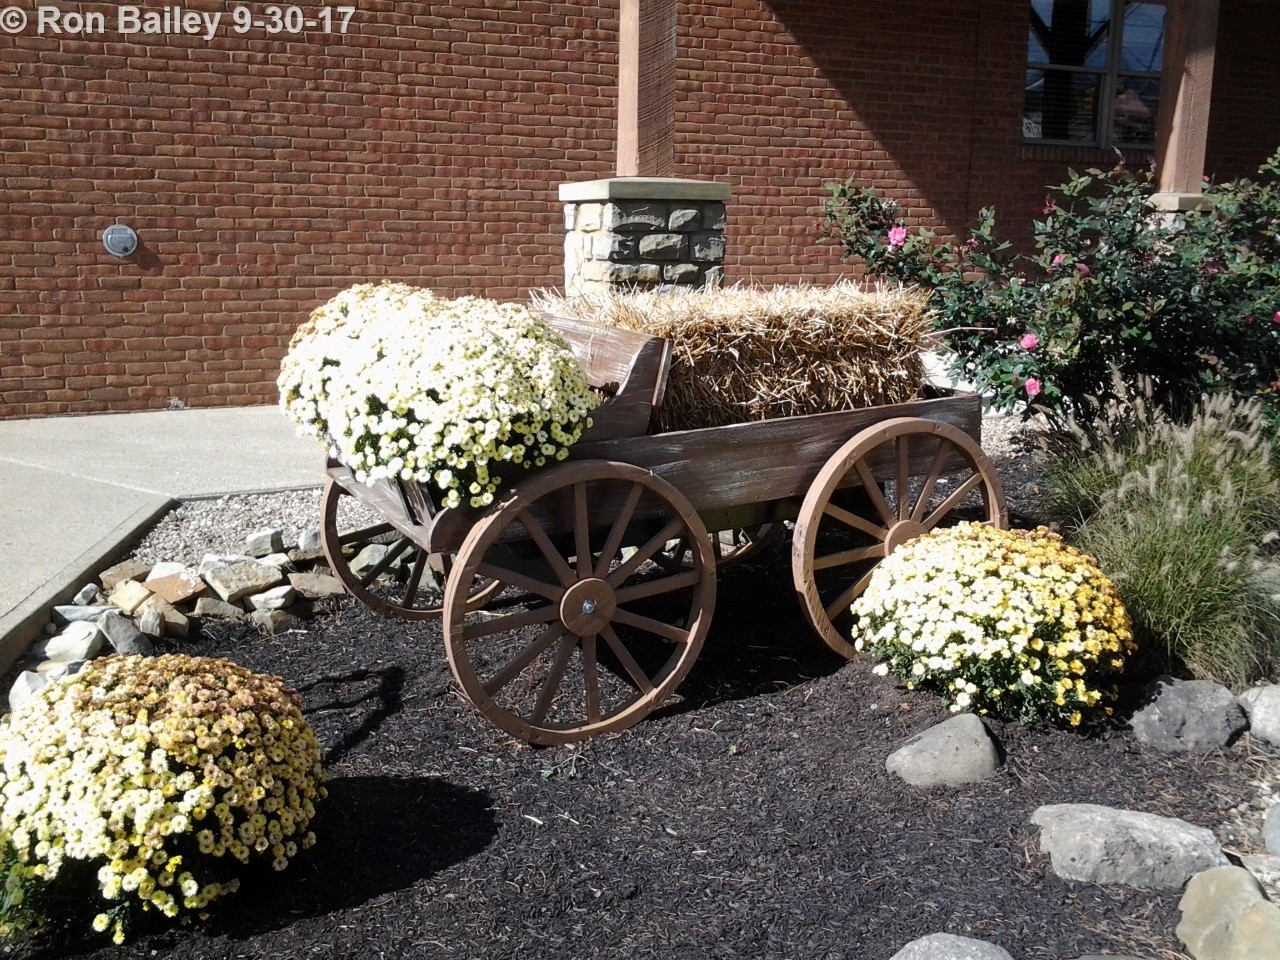 Hay Wagon 9-30-2017 11-10-31 AM